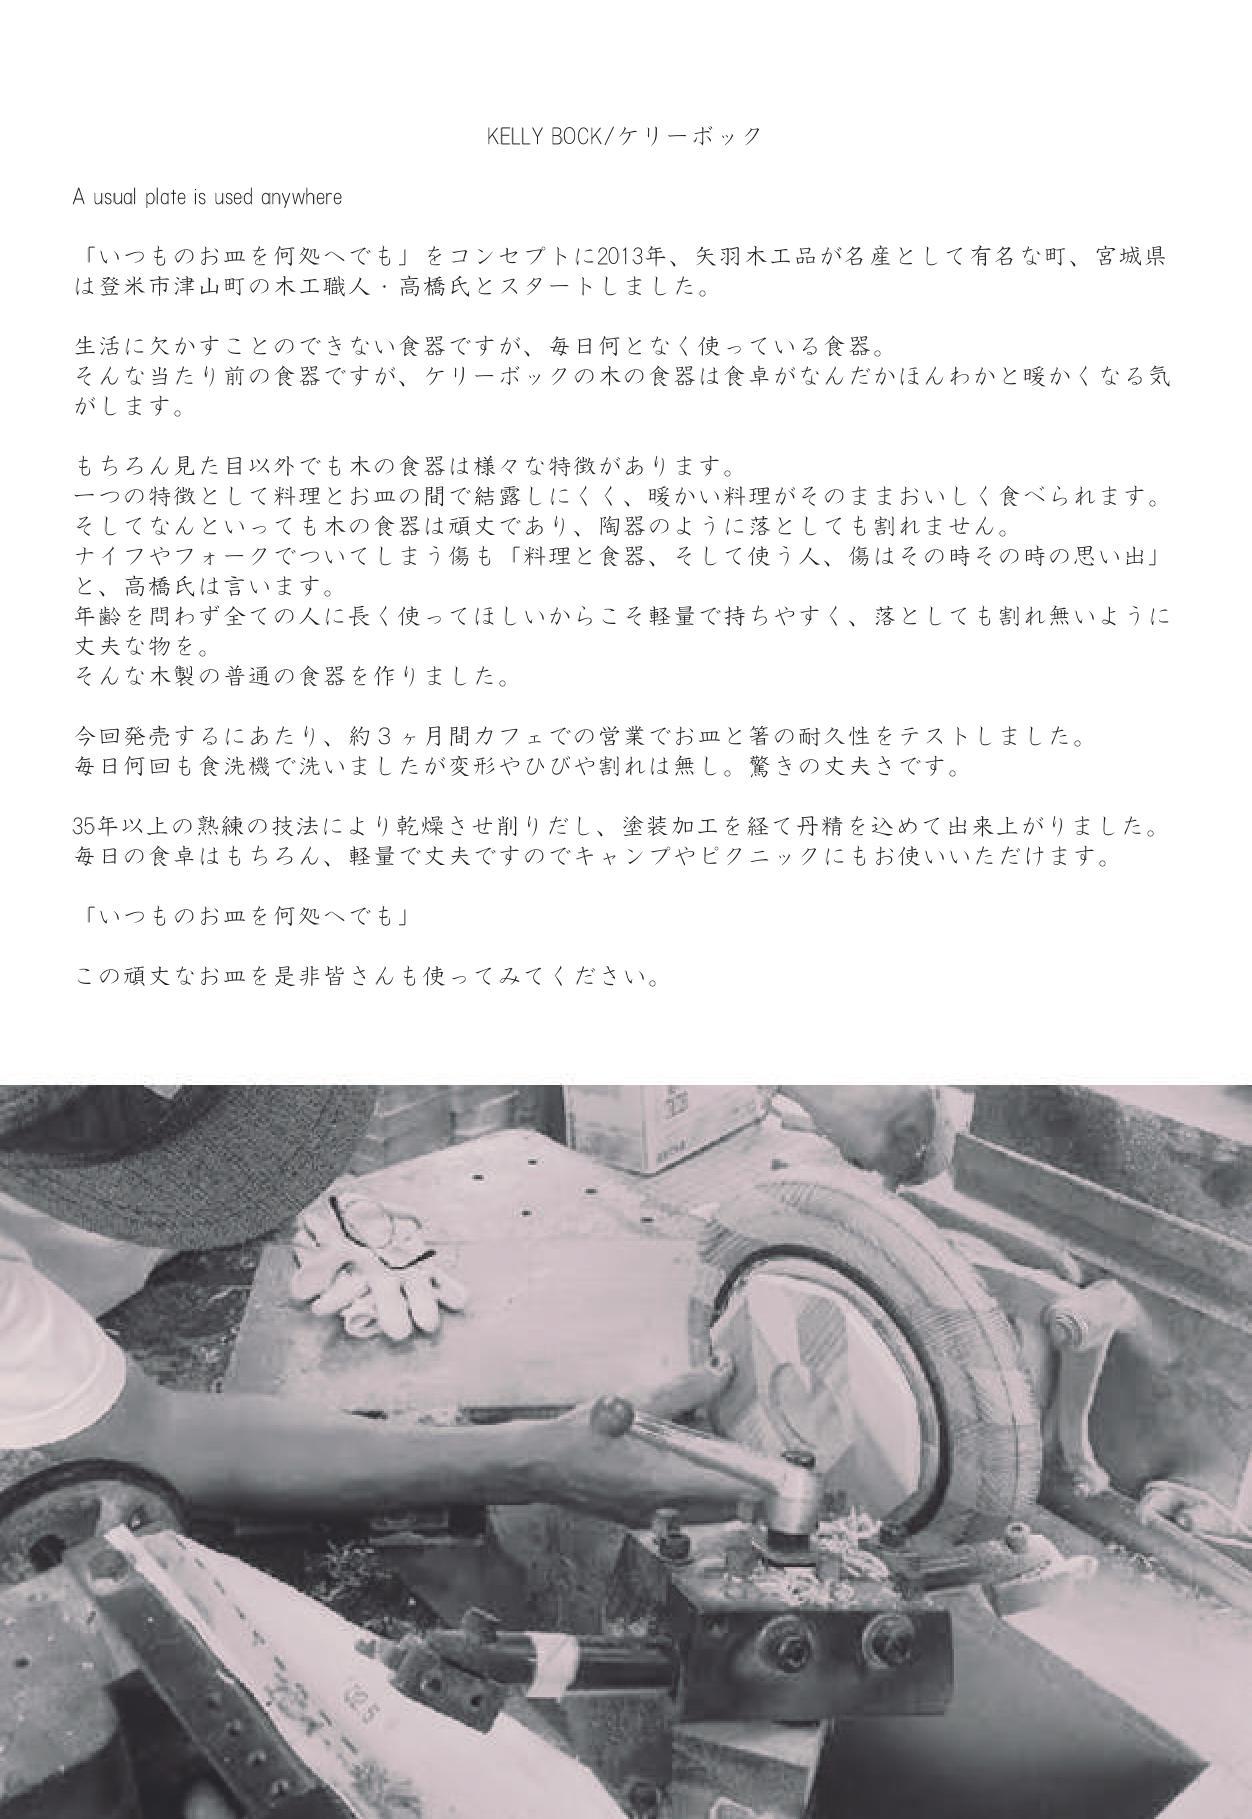 image-0002